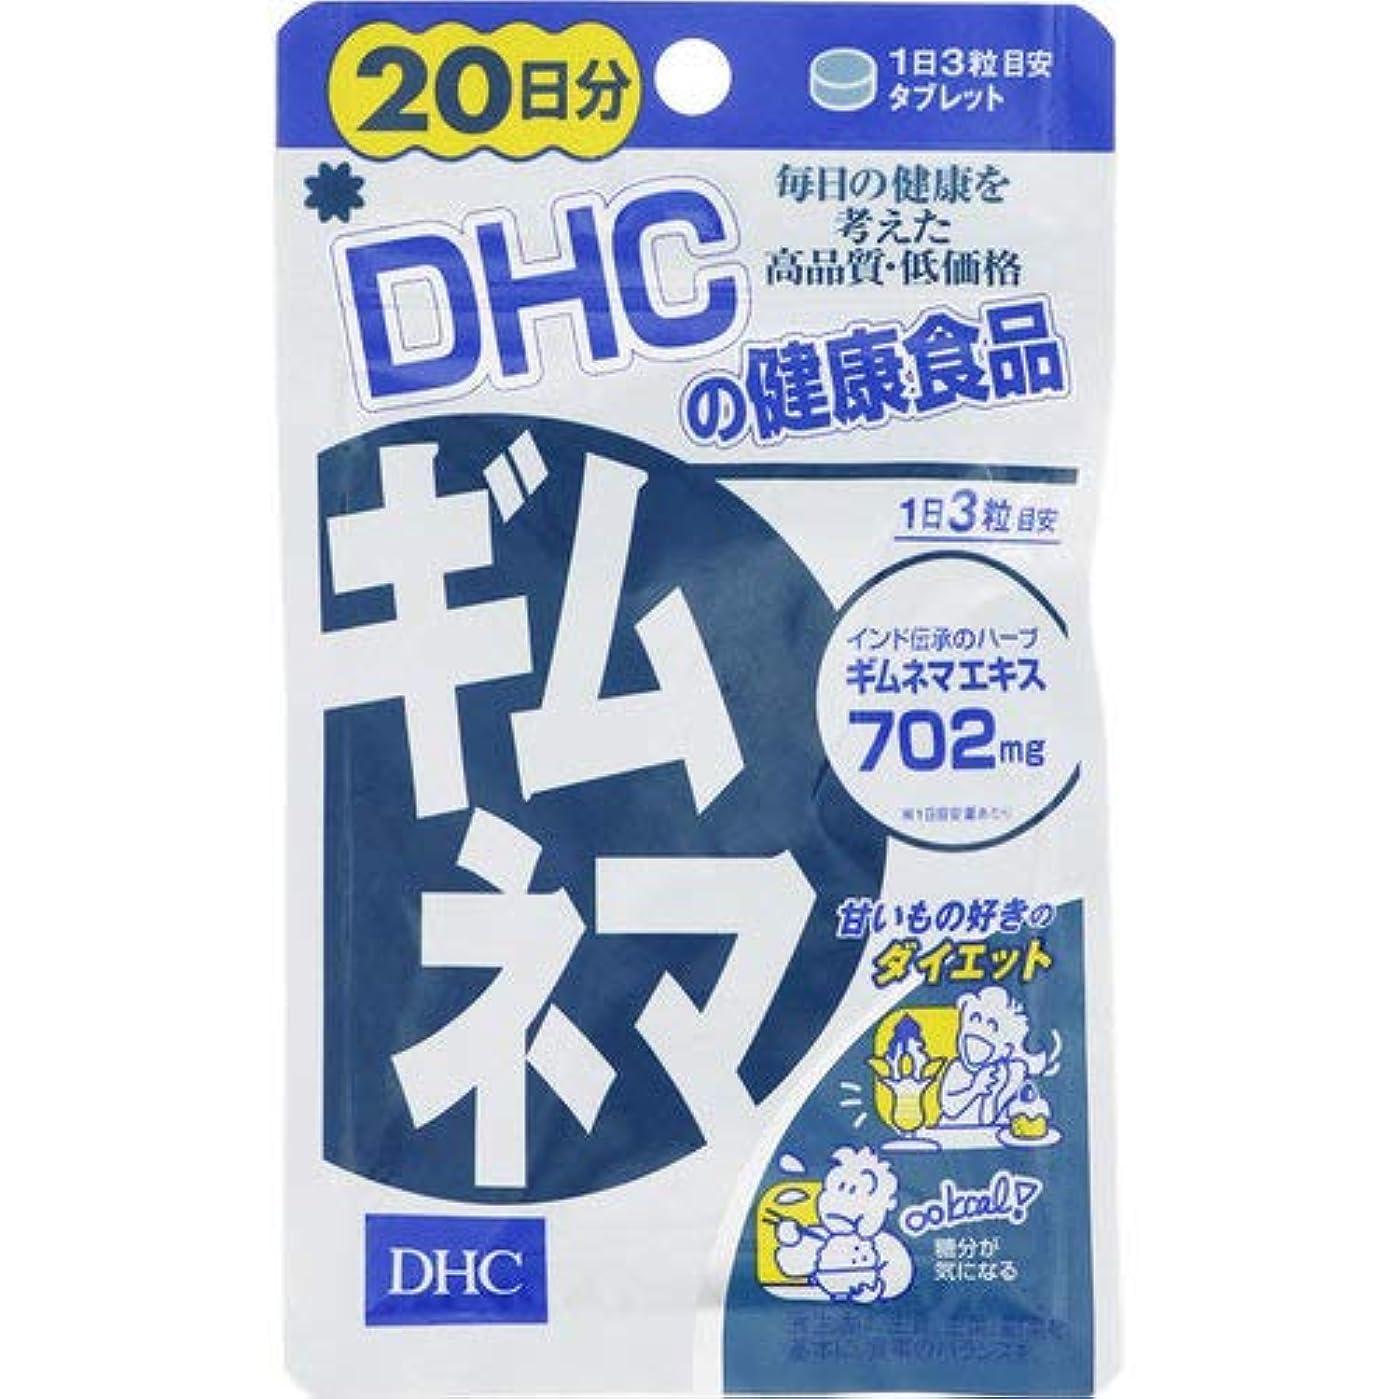 不注意将来の話す【DHC】ギムネマ 20日分 (60粒)